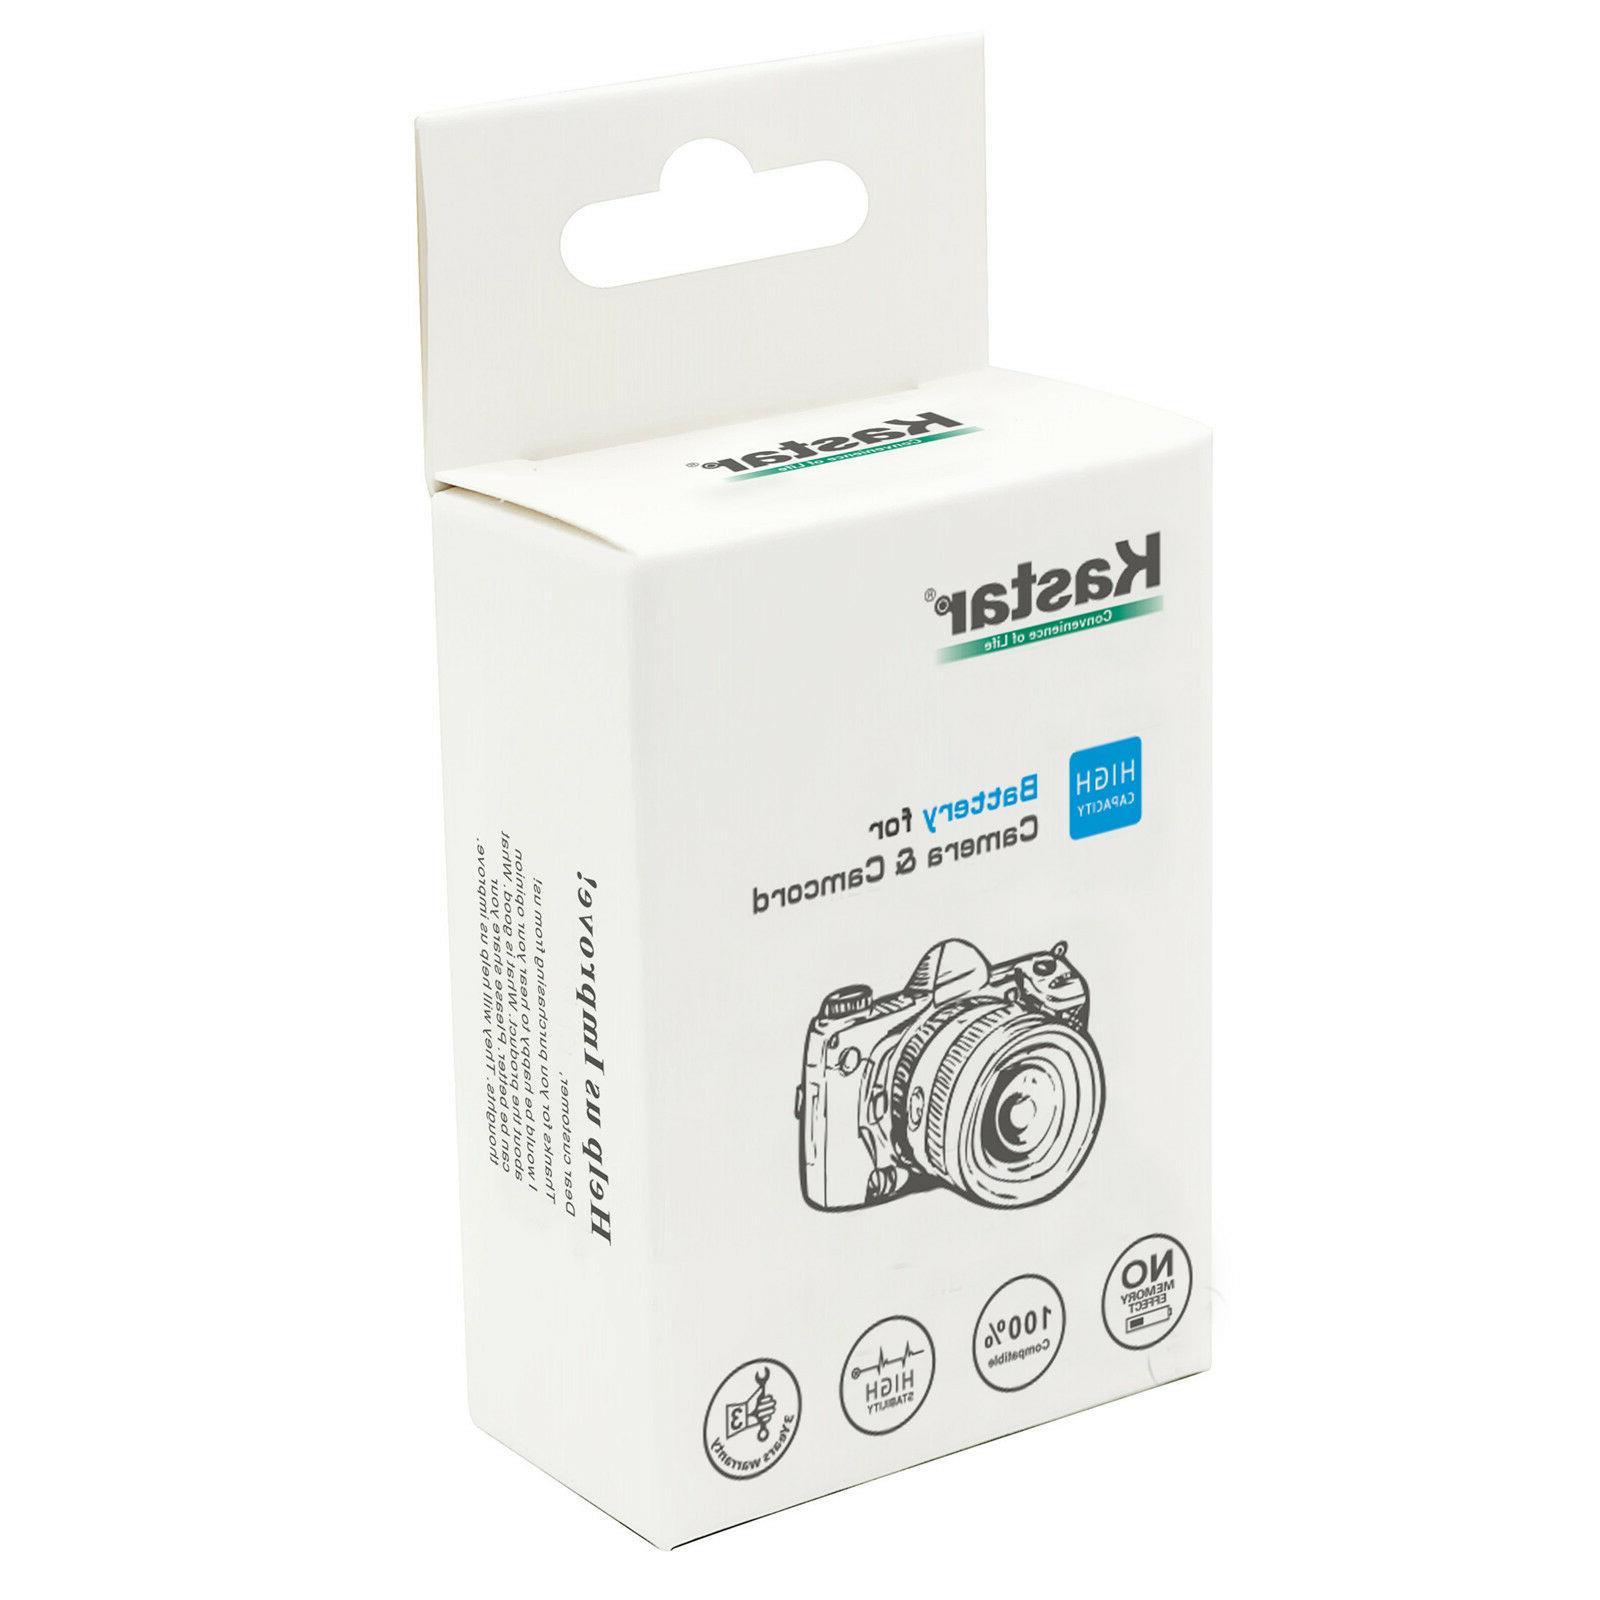 Kastar for & FS300 Camcorder